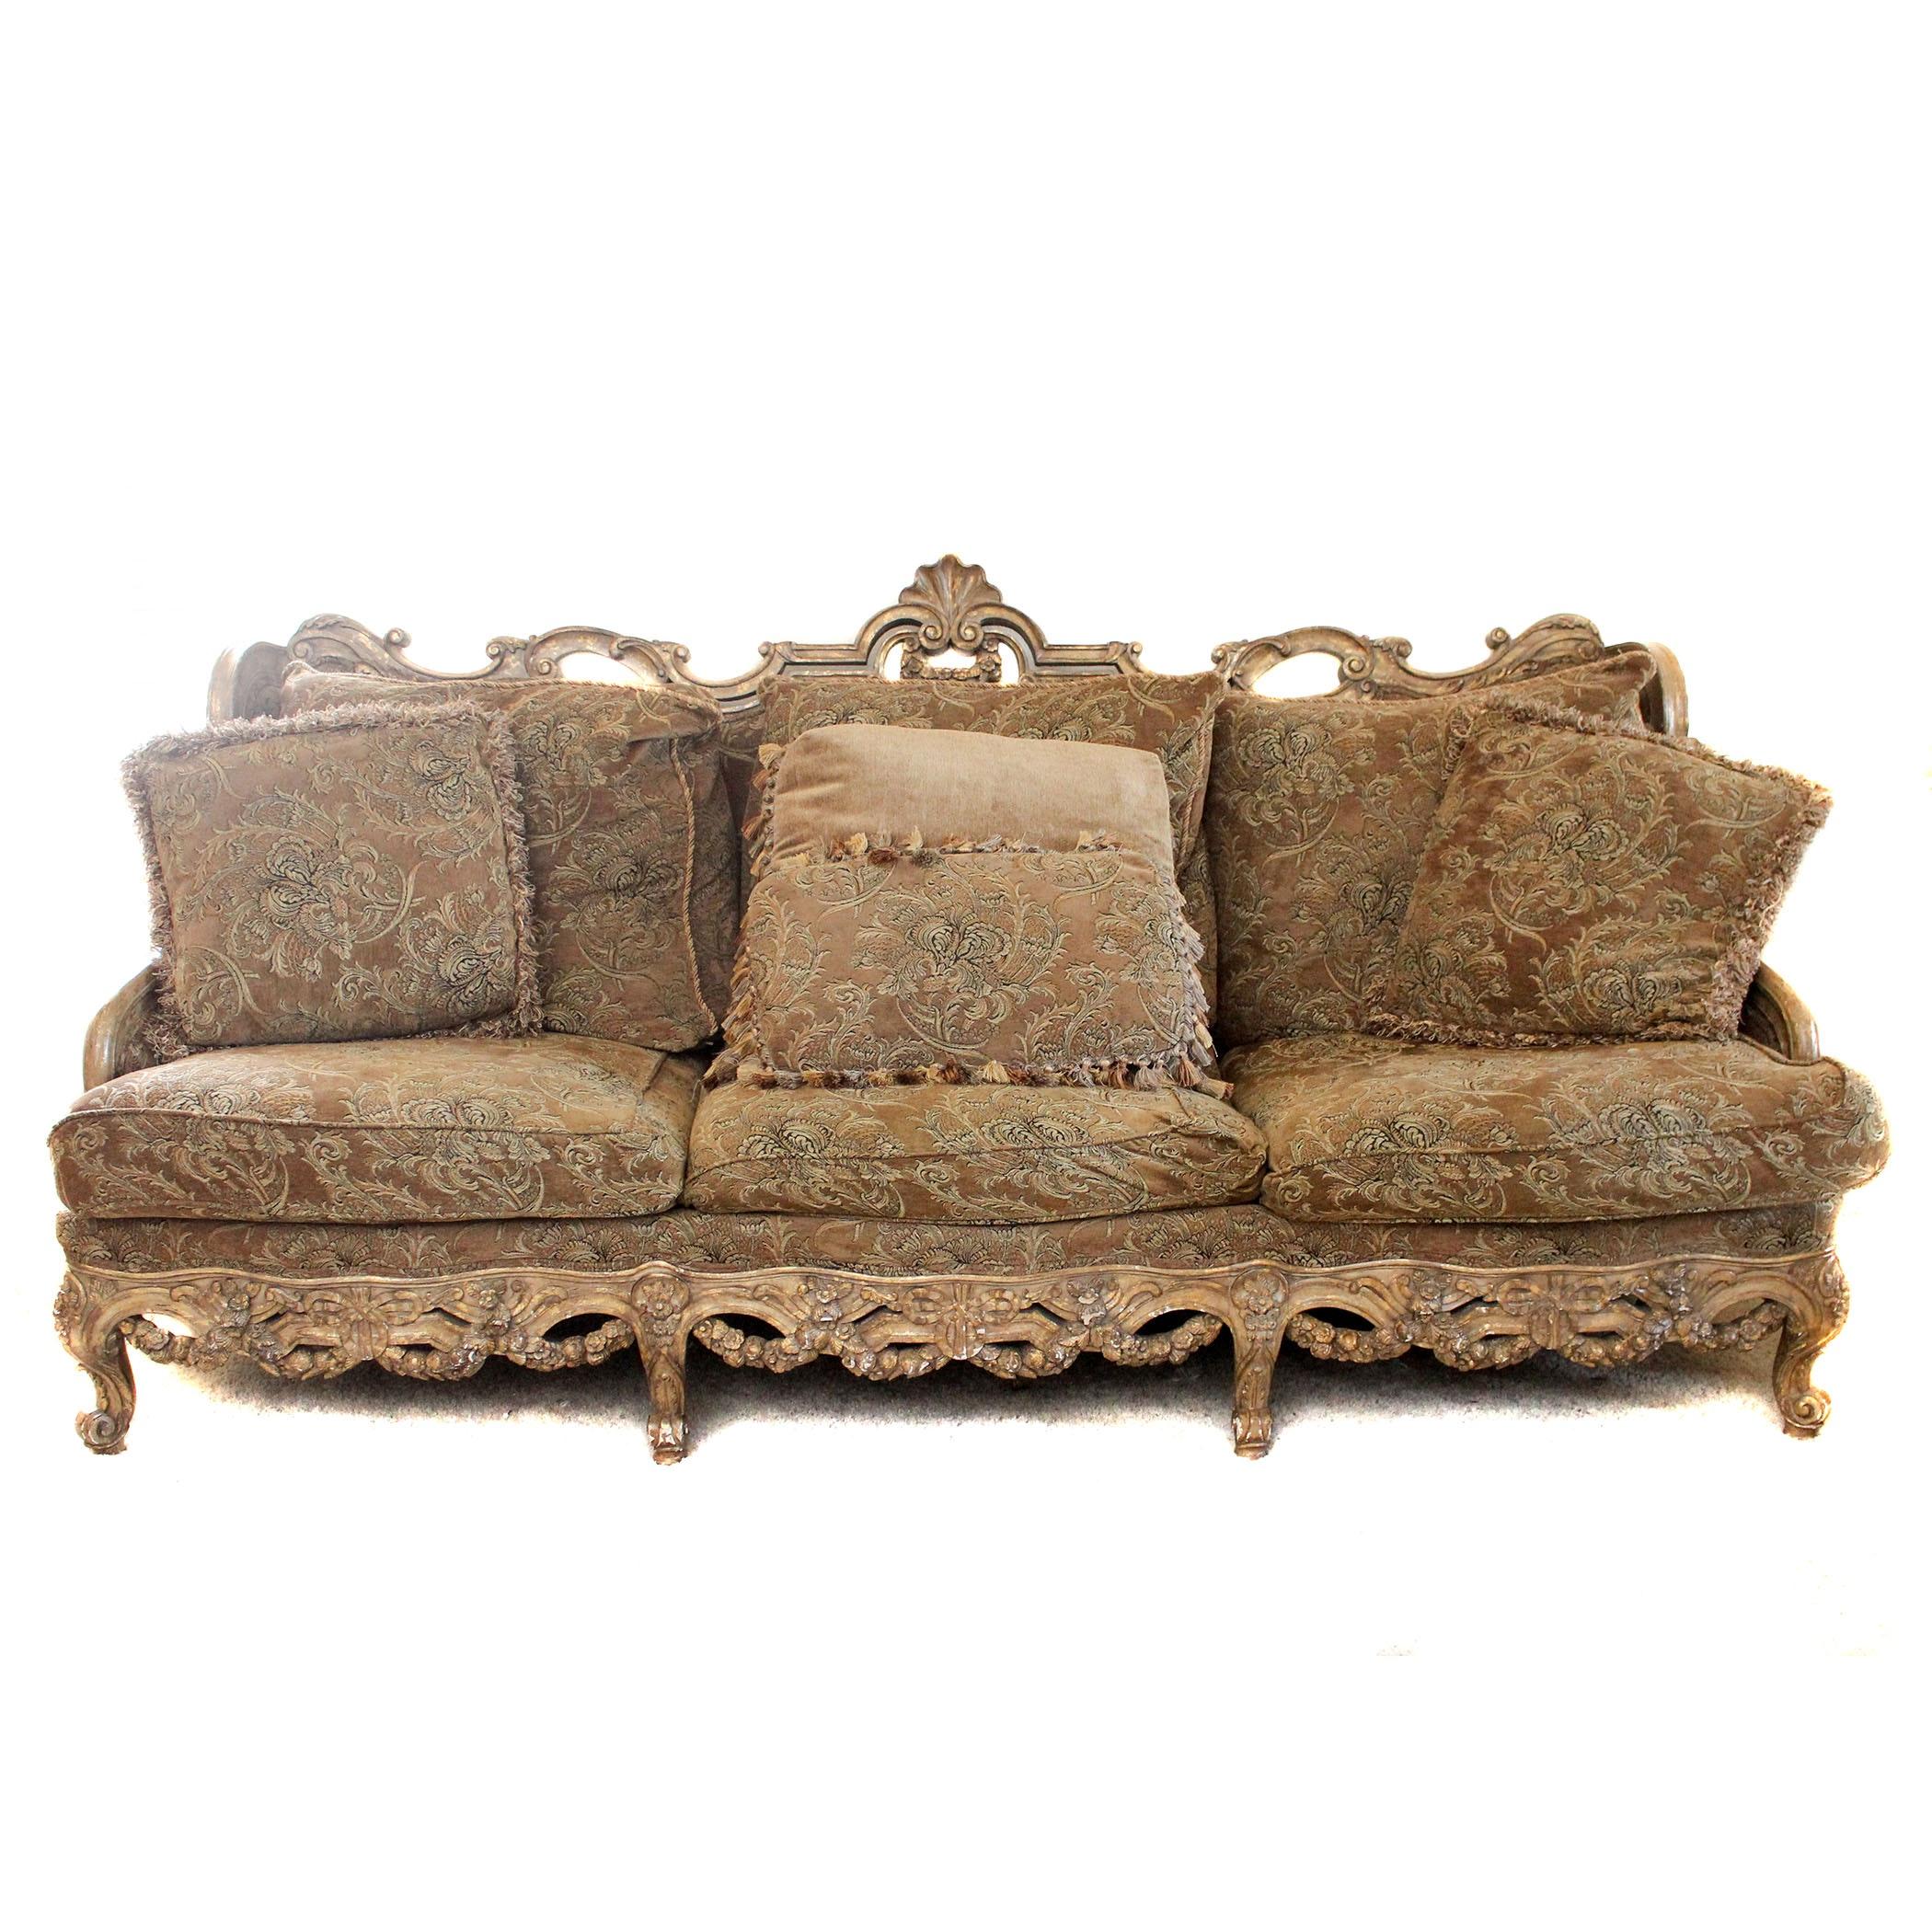 Rococo Revival Sofa by Tomlinson Erwin-Lambeth